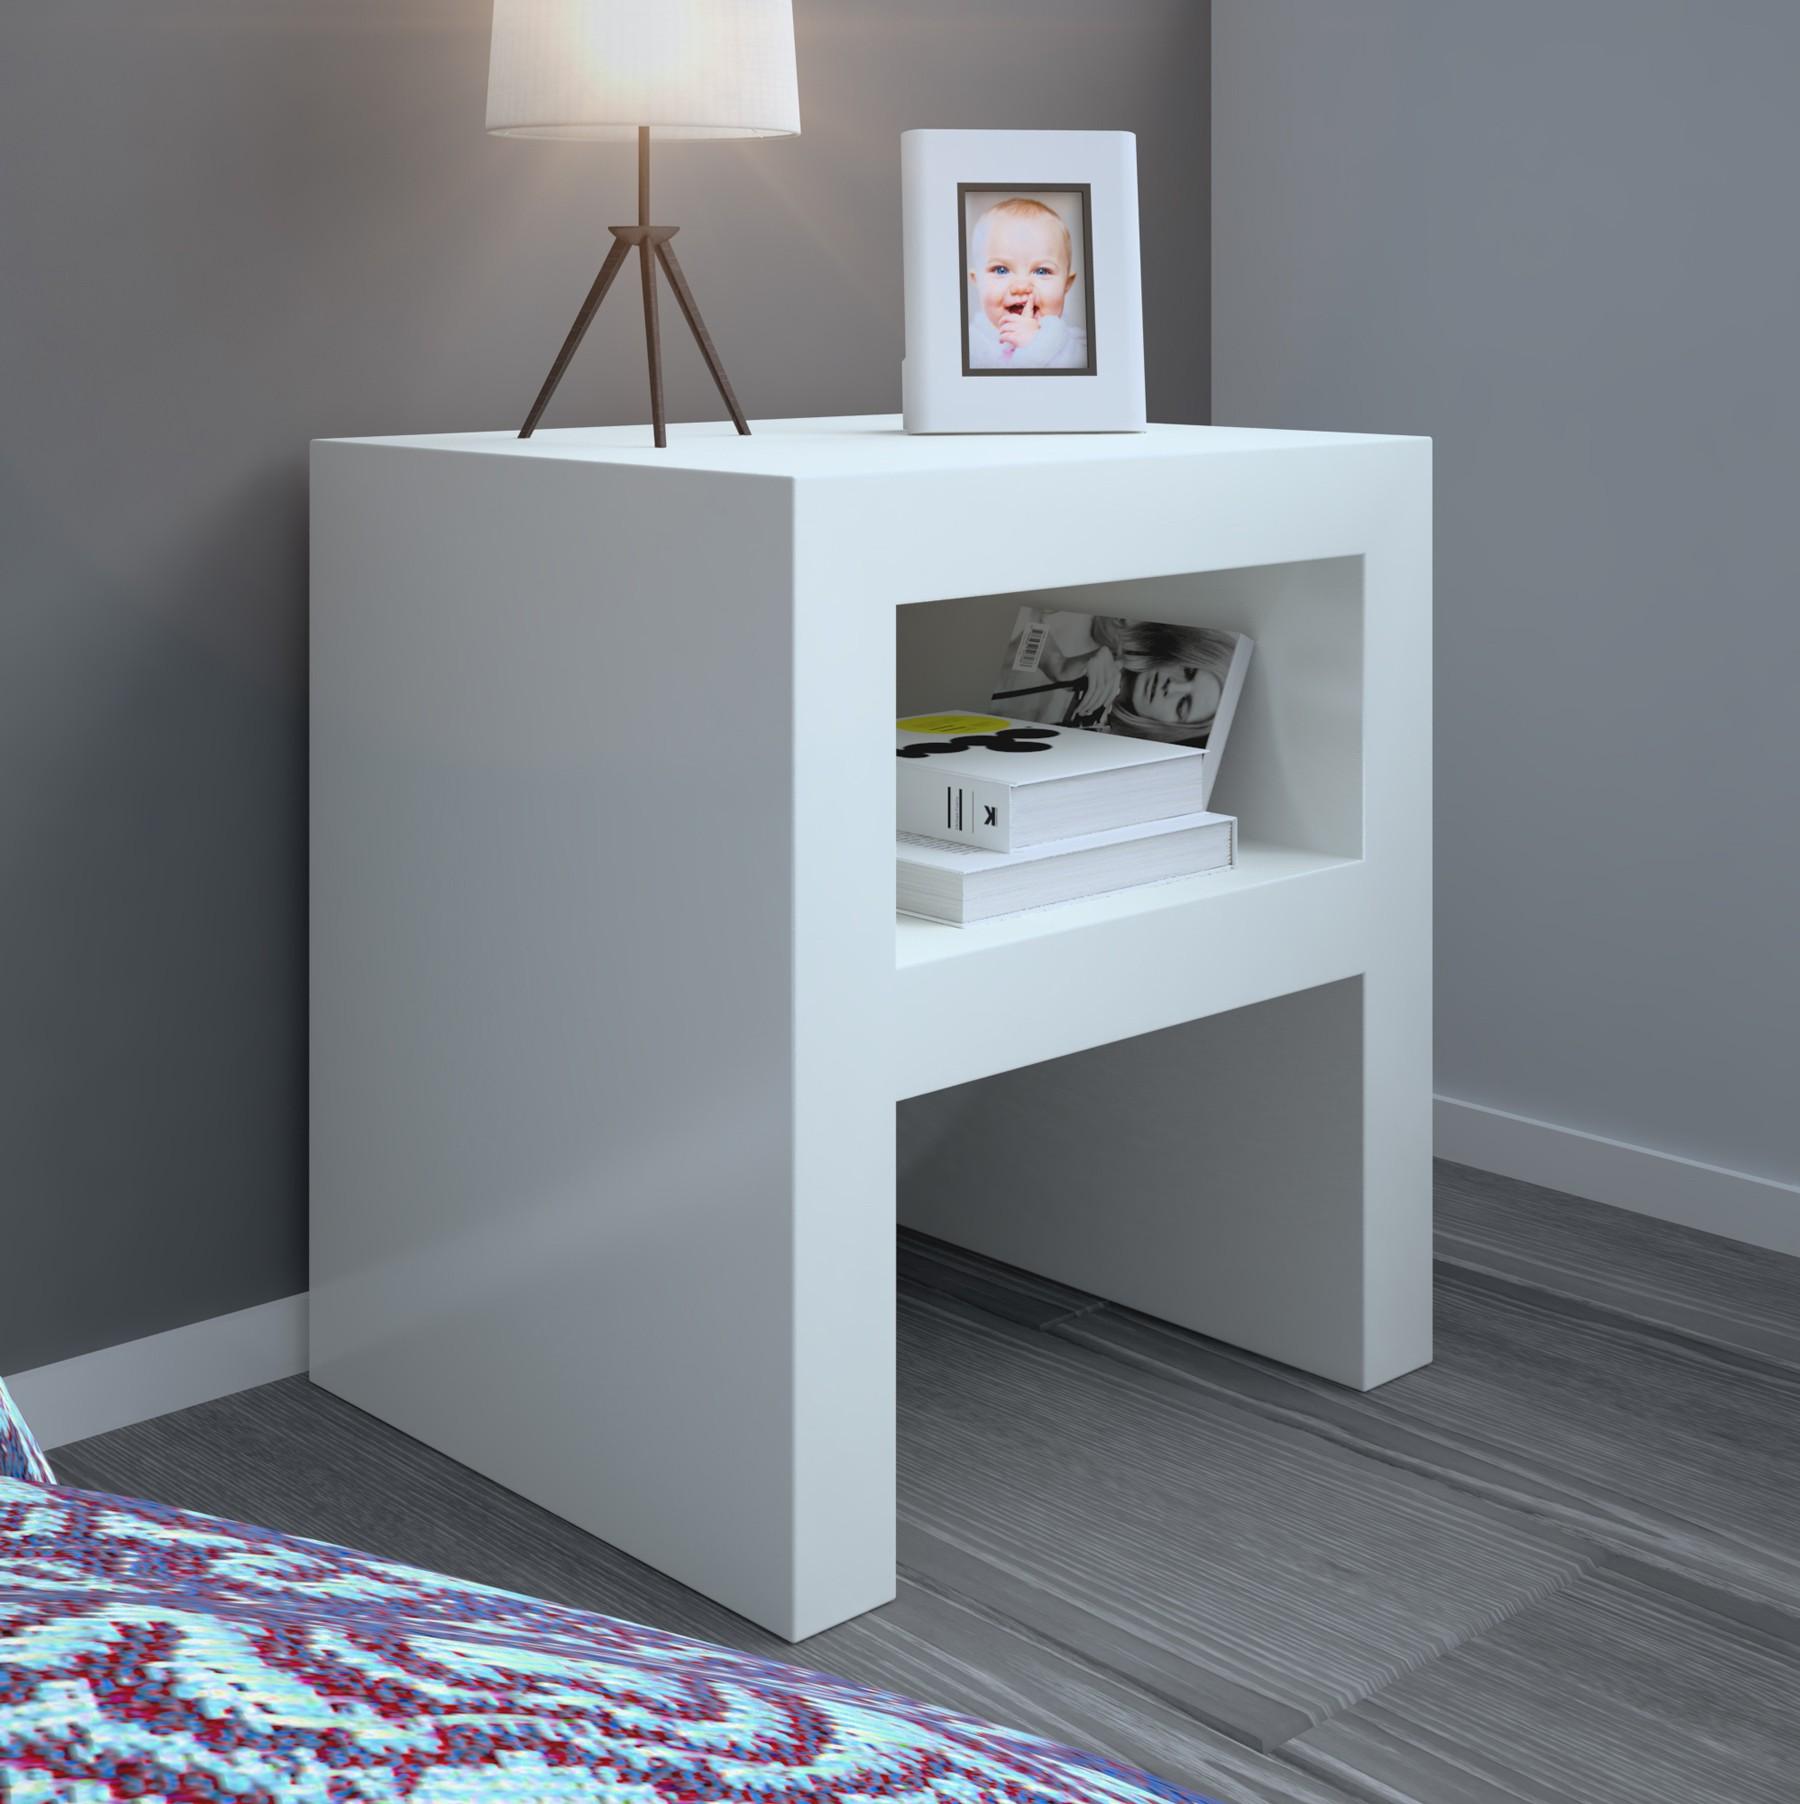 Mesita de noche moderna lacada blanca con cajón de diseño modelo 8